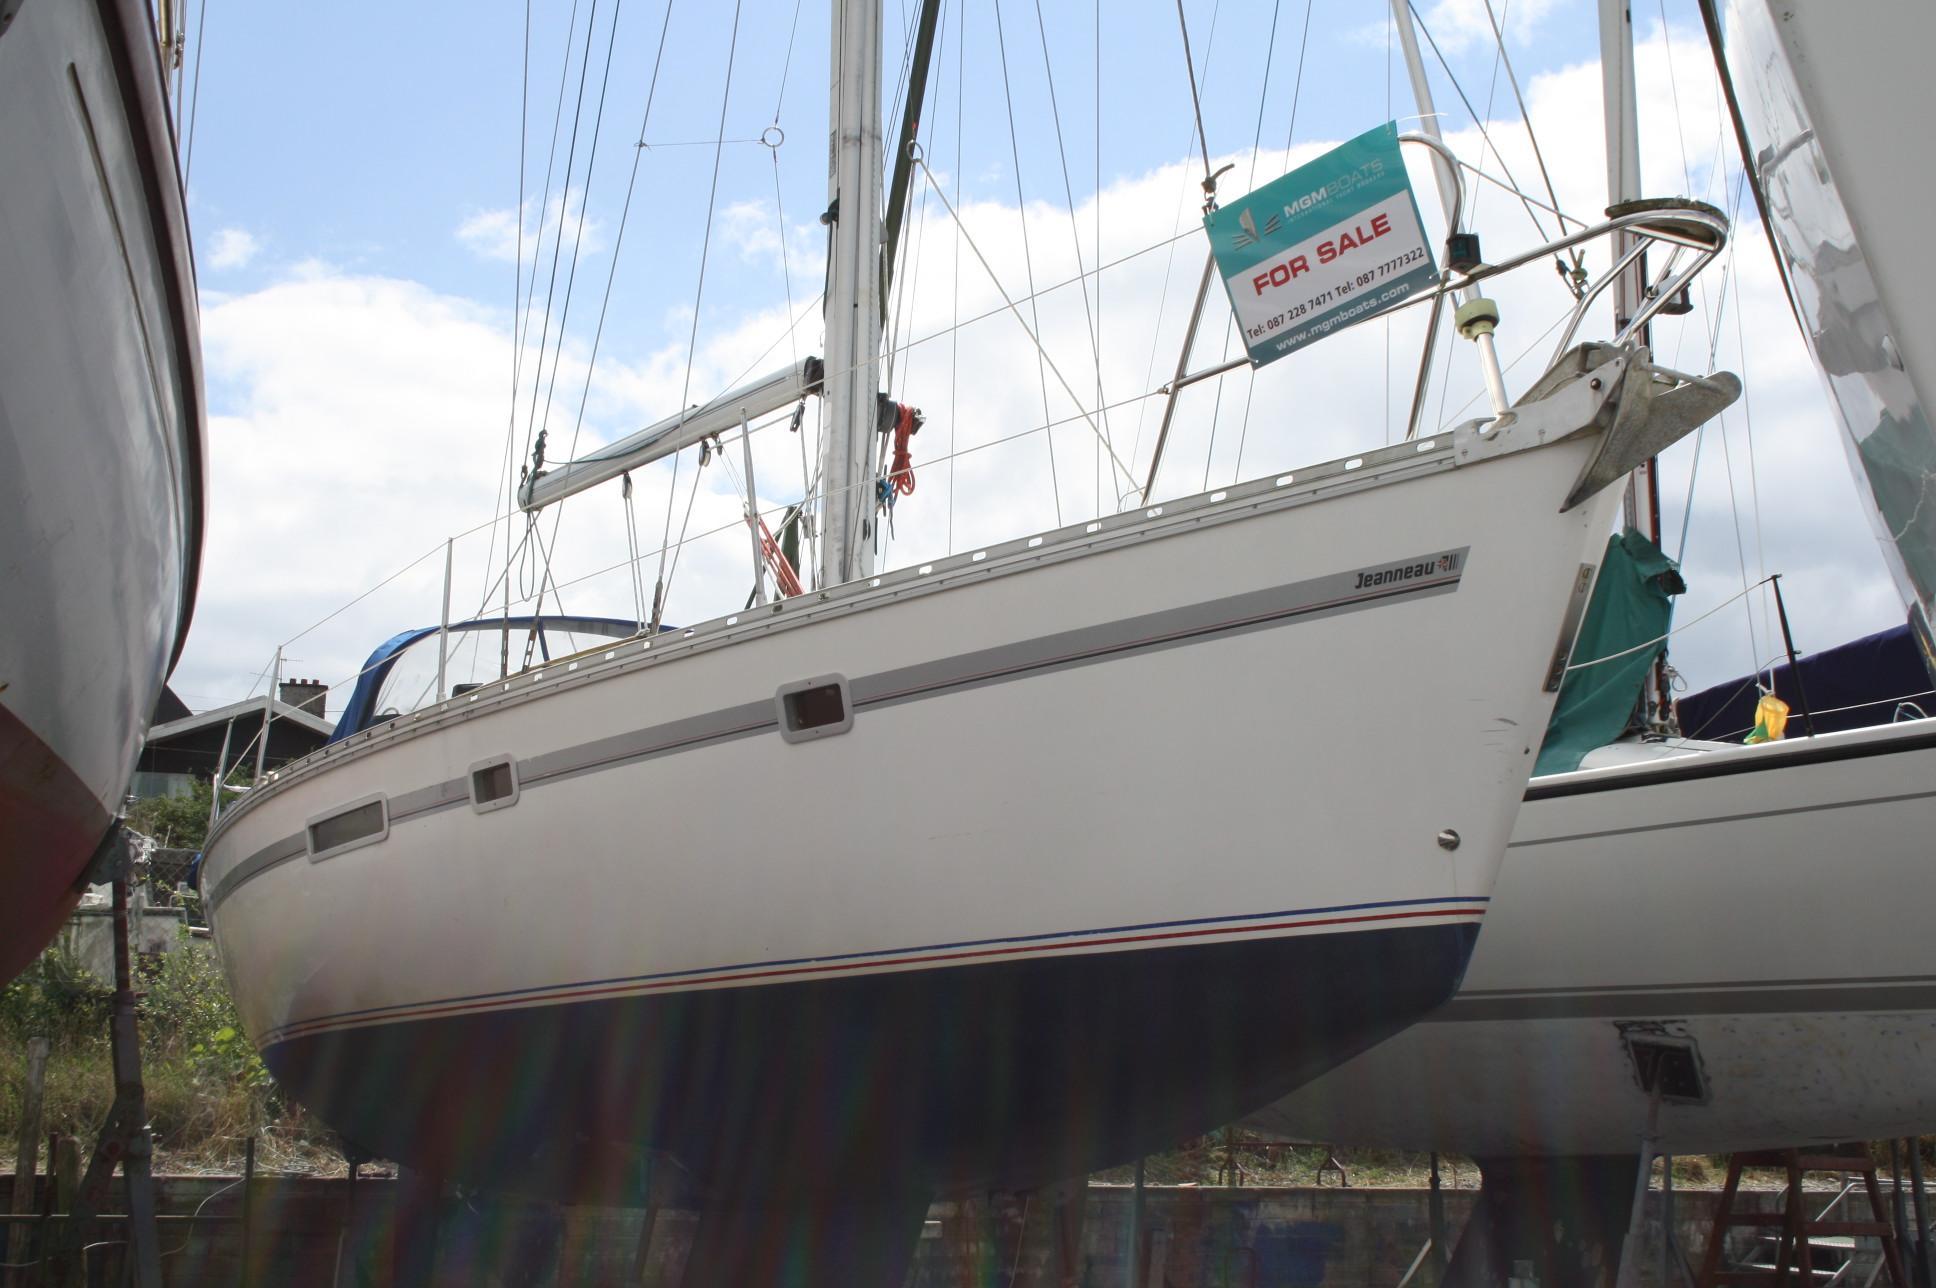 Jeanneau Voyage 11.20